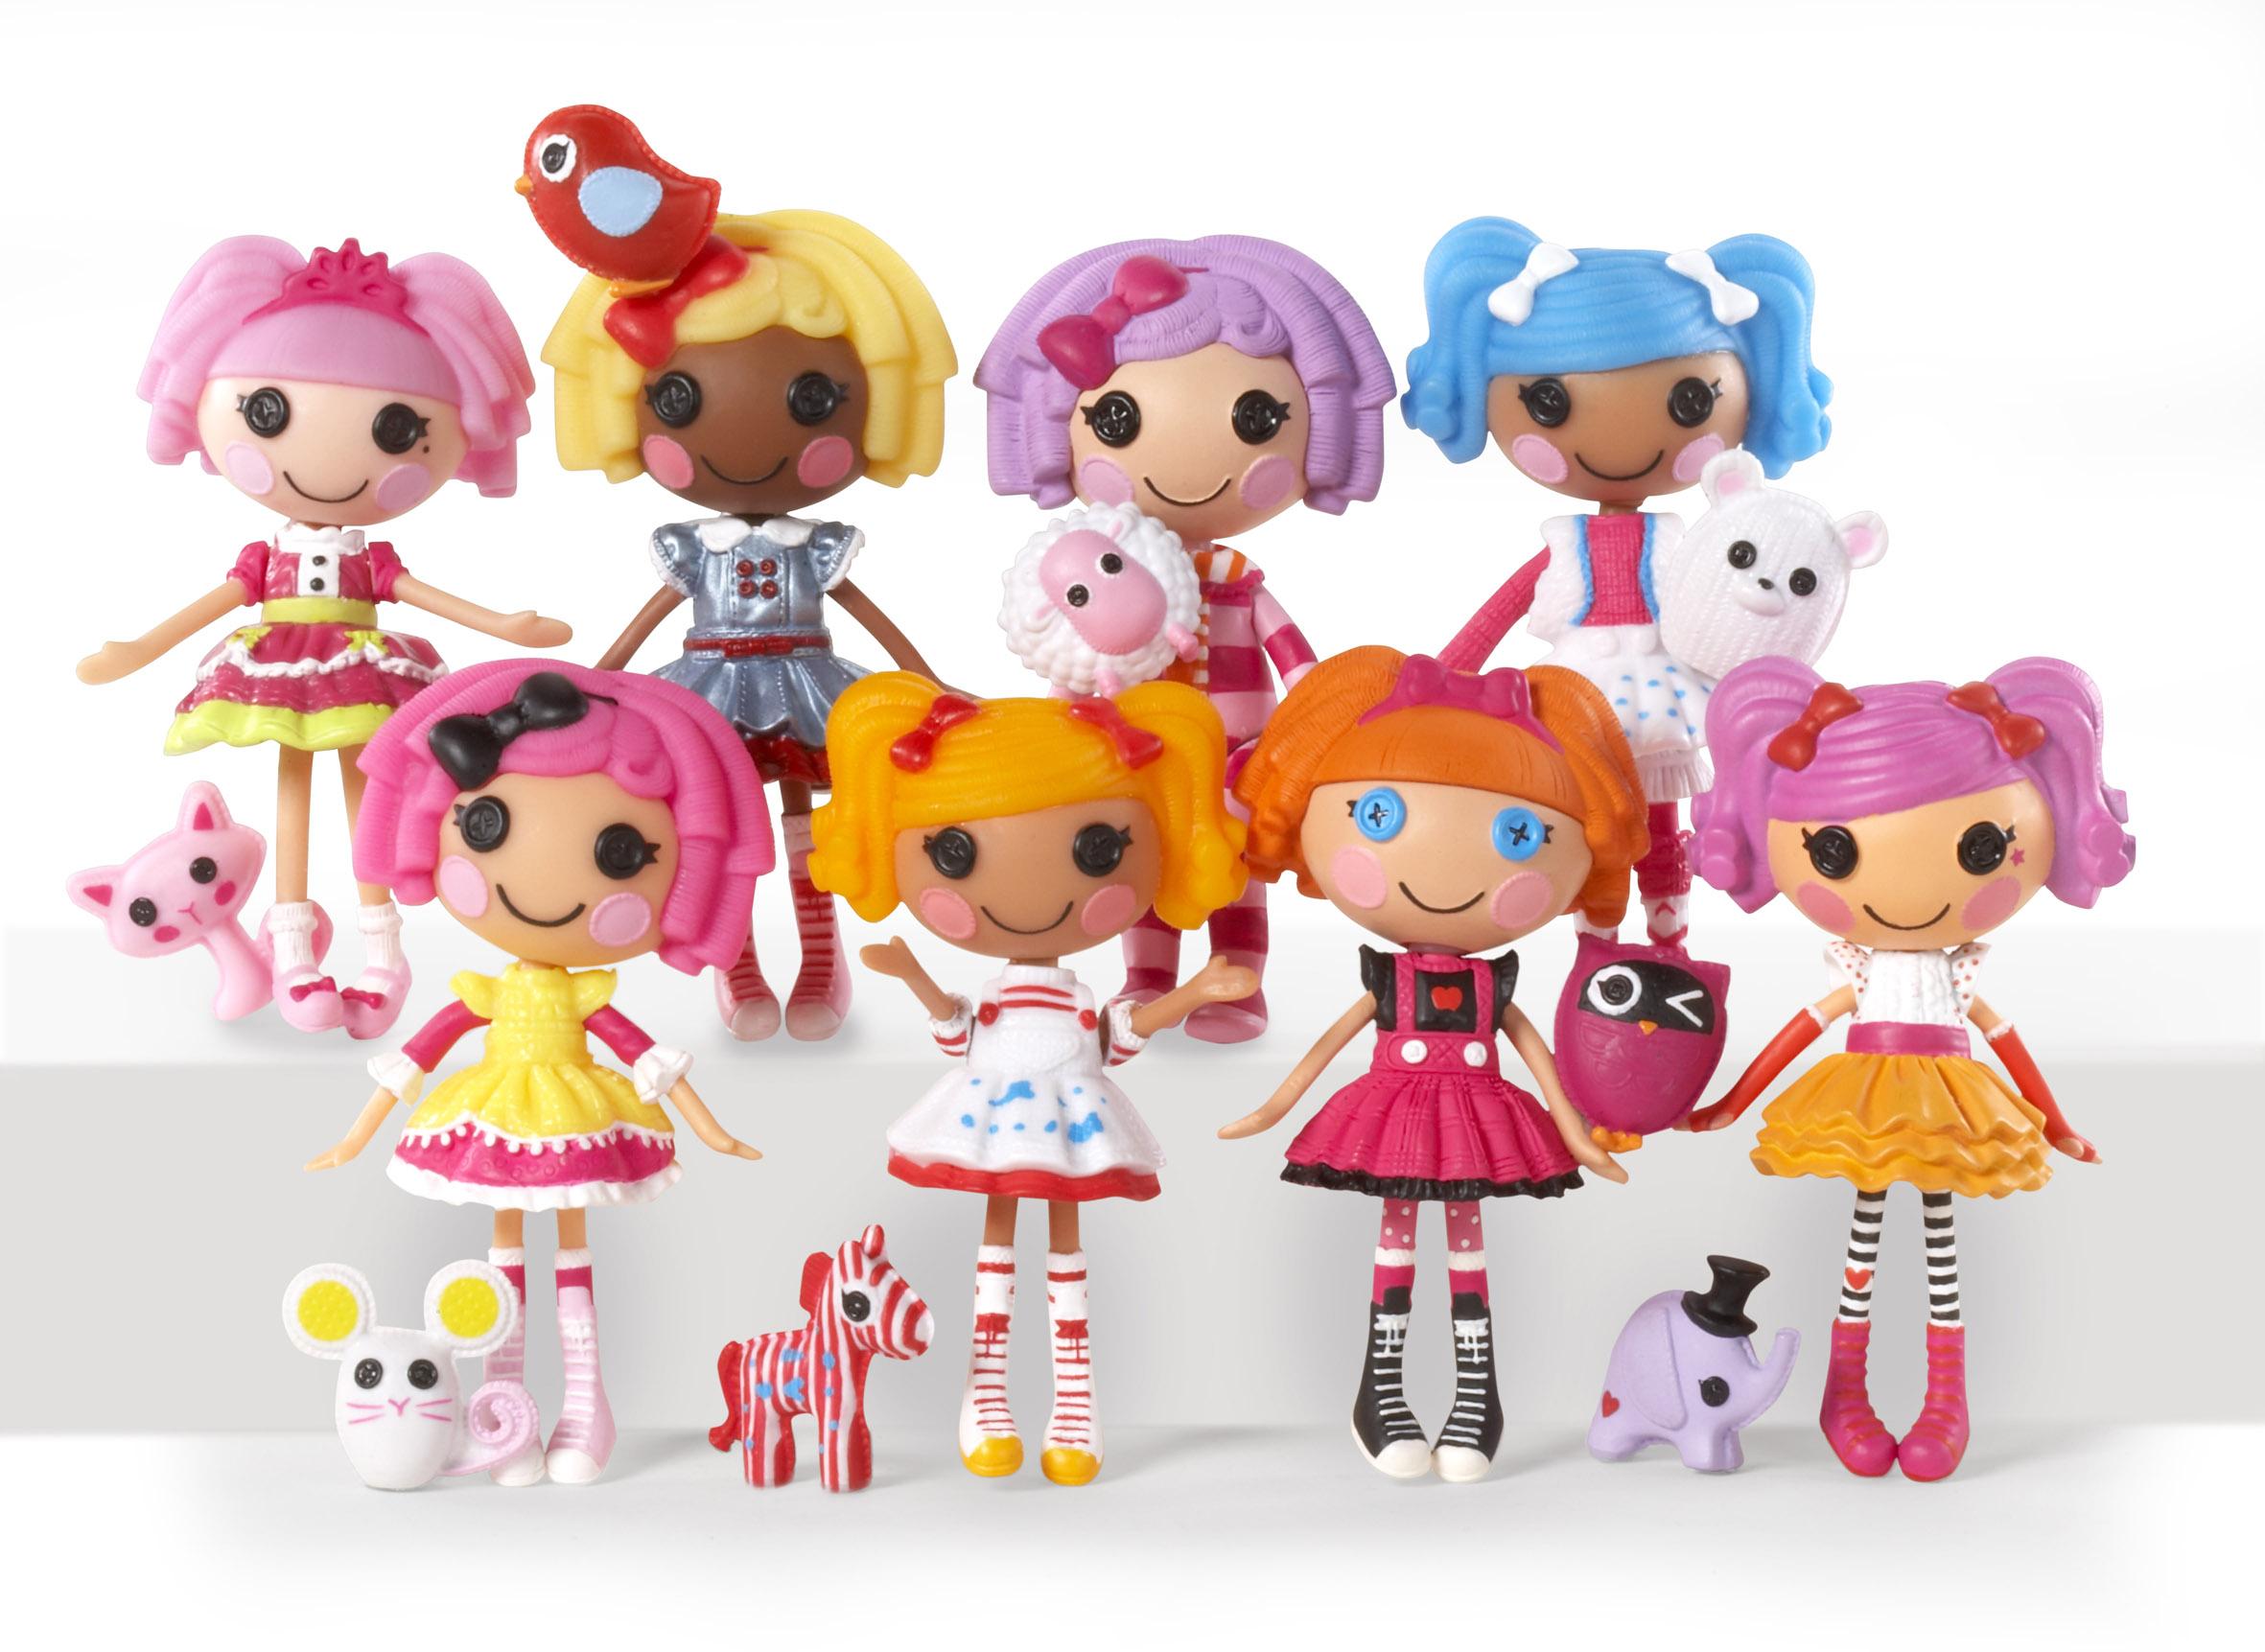 Mini Lalaloopsy, muñecas que caben en la palma de la mano